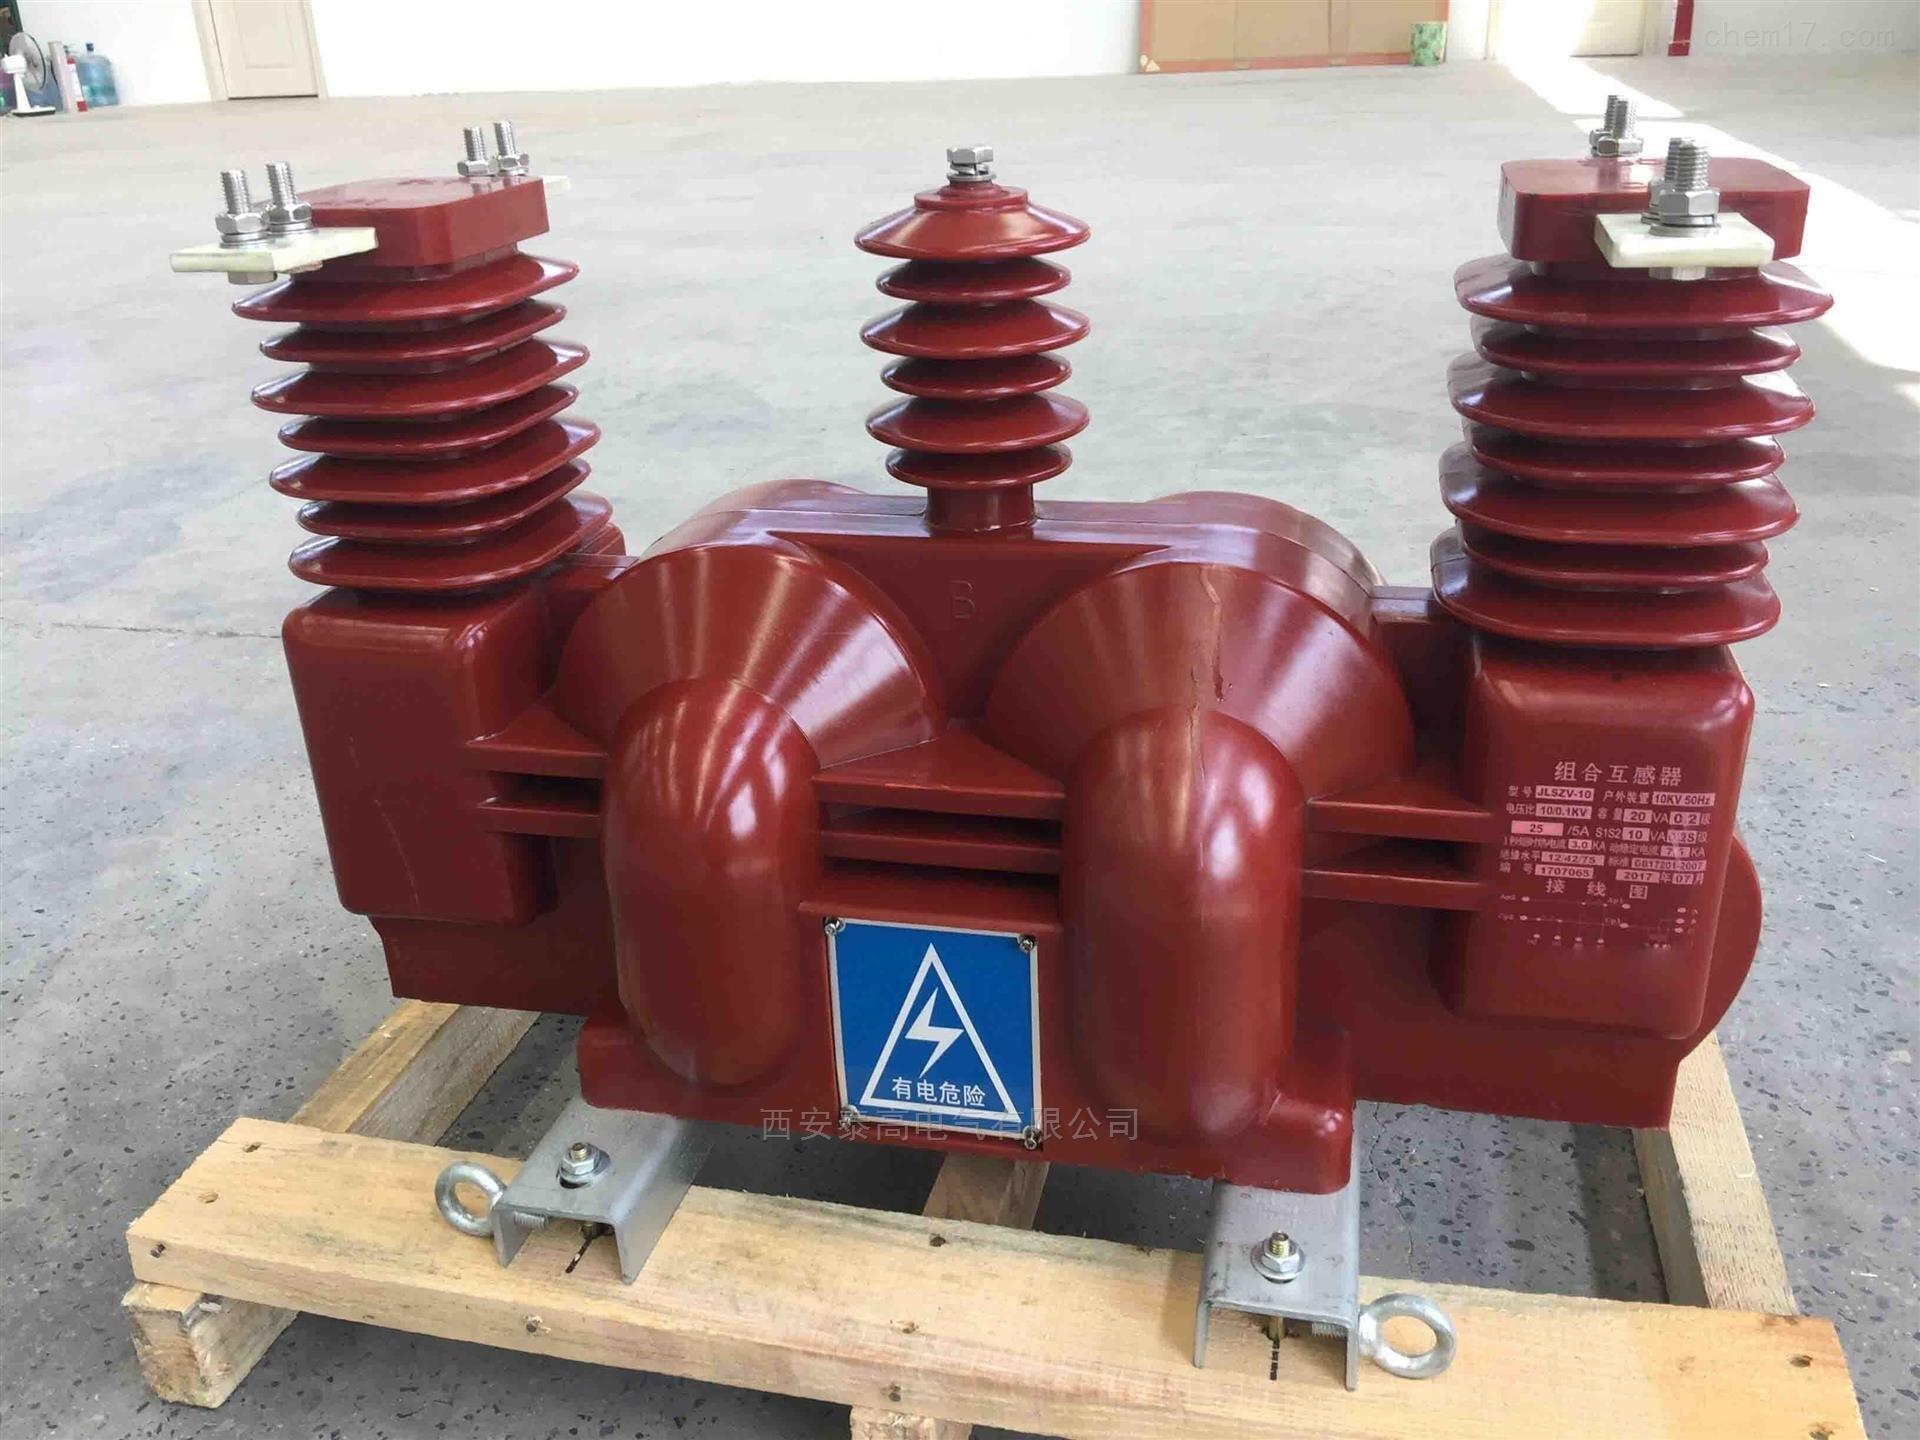 大理JLSZV 10系列干式高压计量箱现货供应